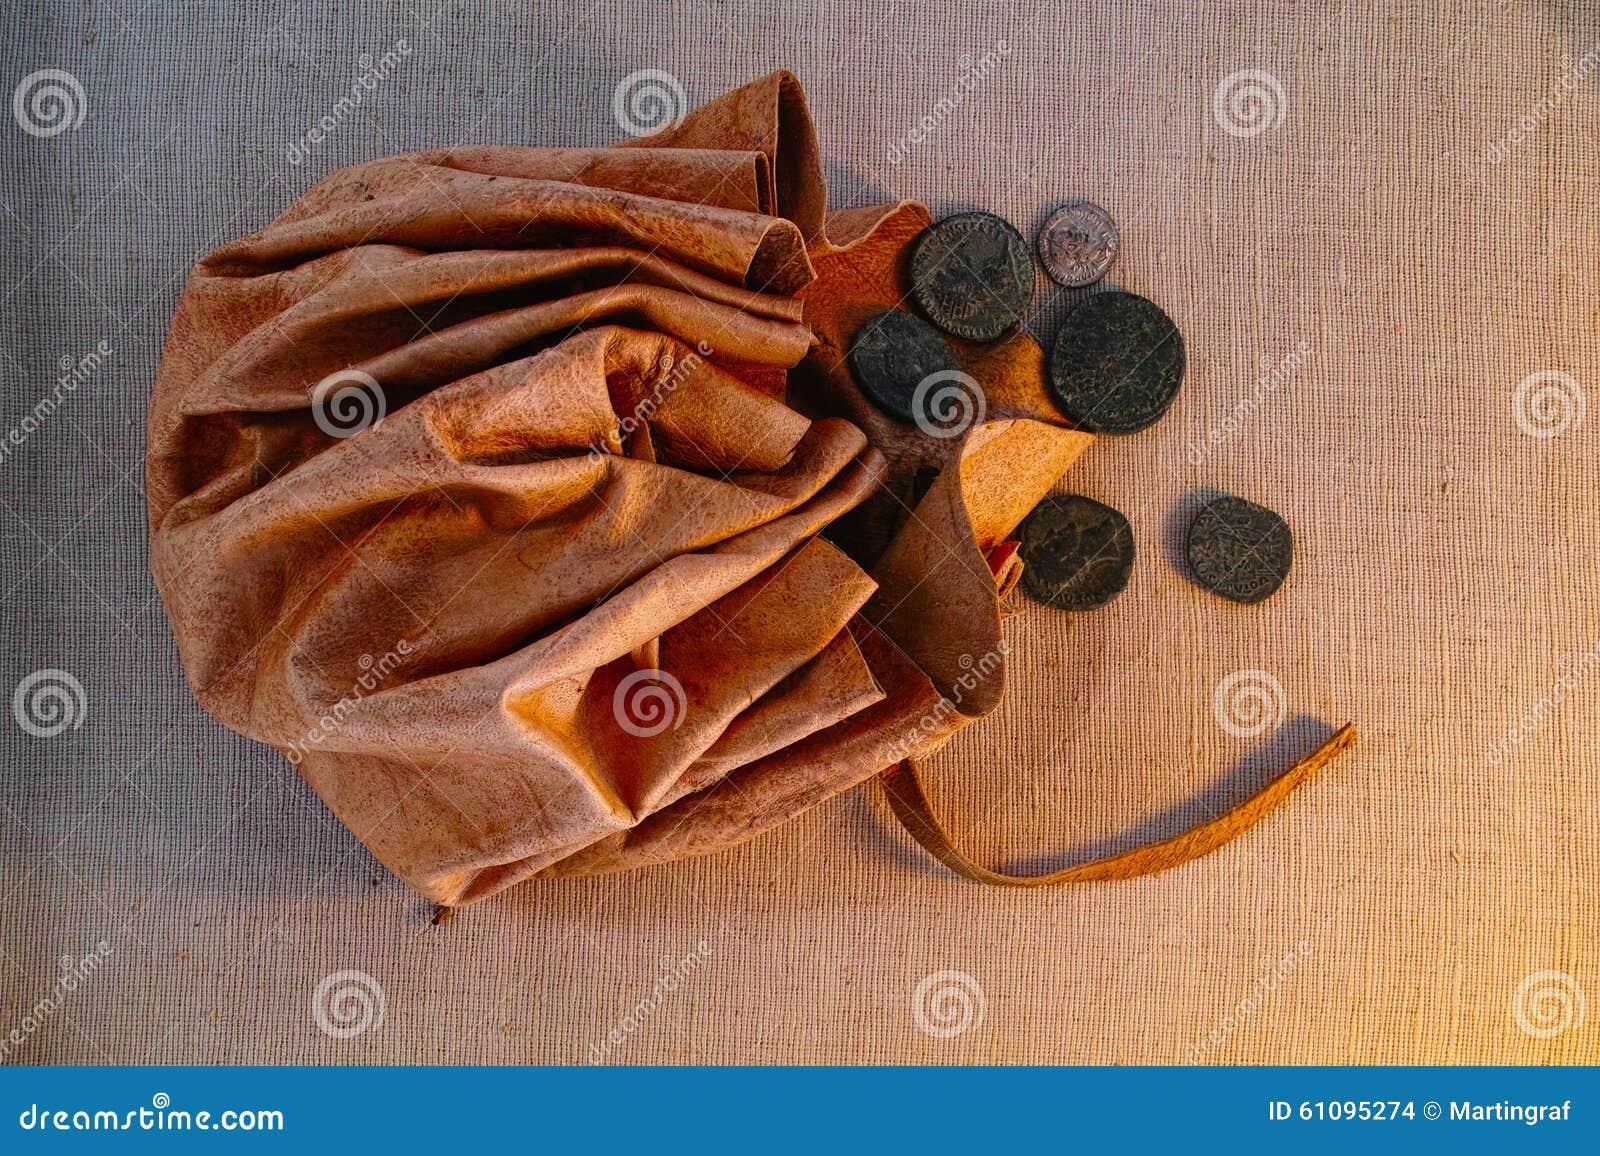 Σακούλα δέρματος με τα αρχαία ρωμαϊκά νομίσματα